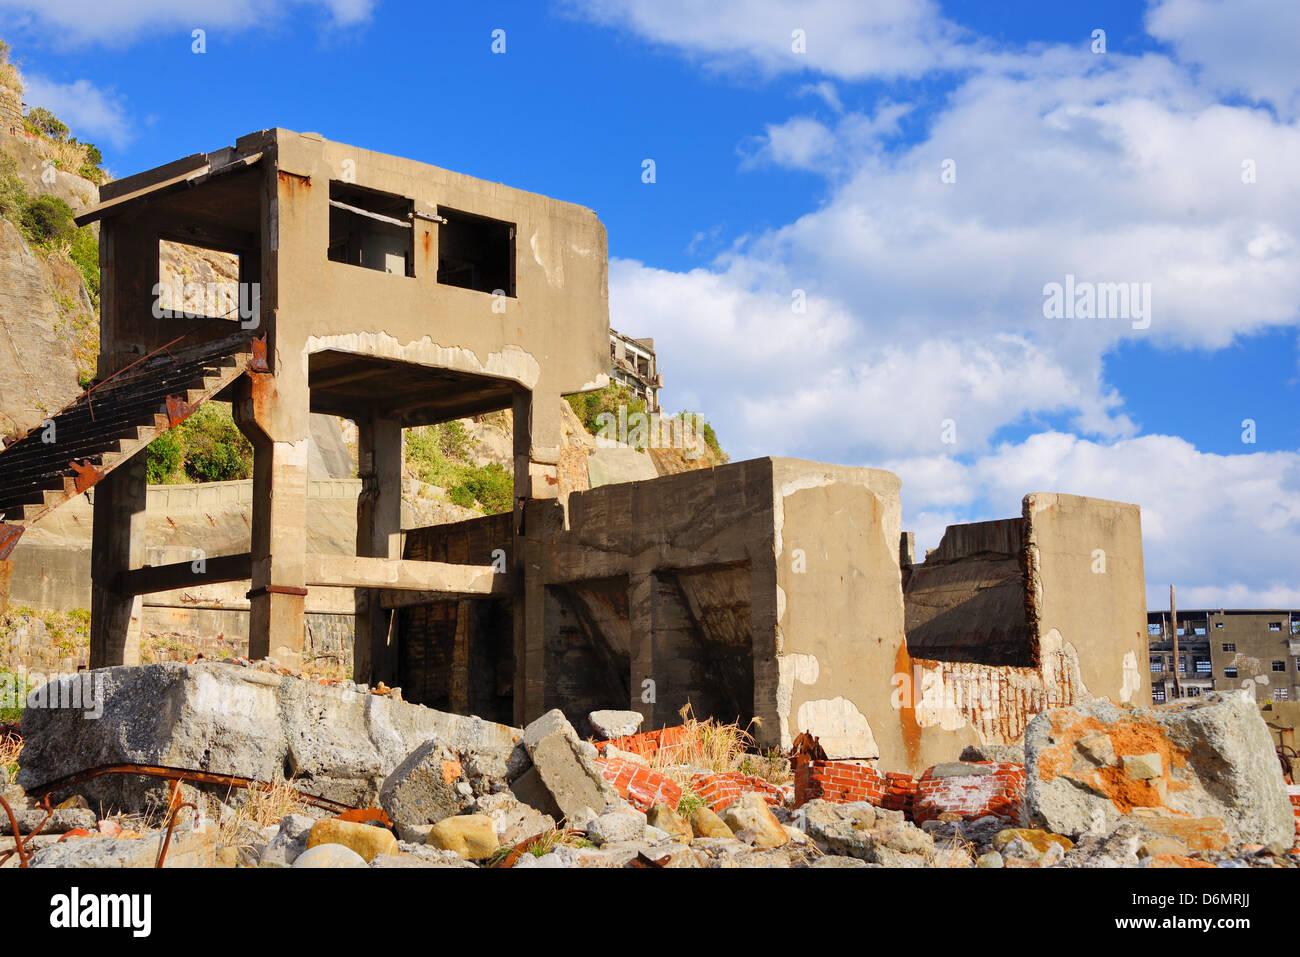 Ruinas en la isla abandonada de Gunkanjima frente a las costas de la Prefectura de Nagasaki, Japón. Foto de stock